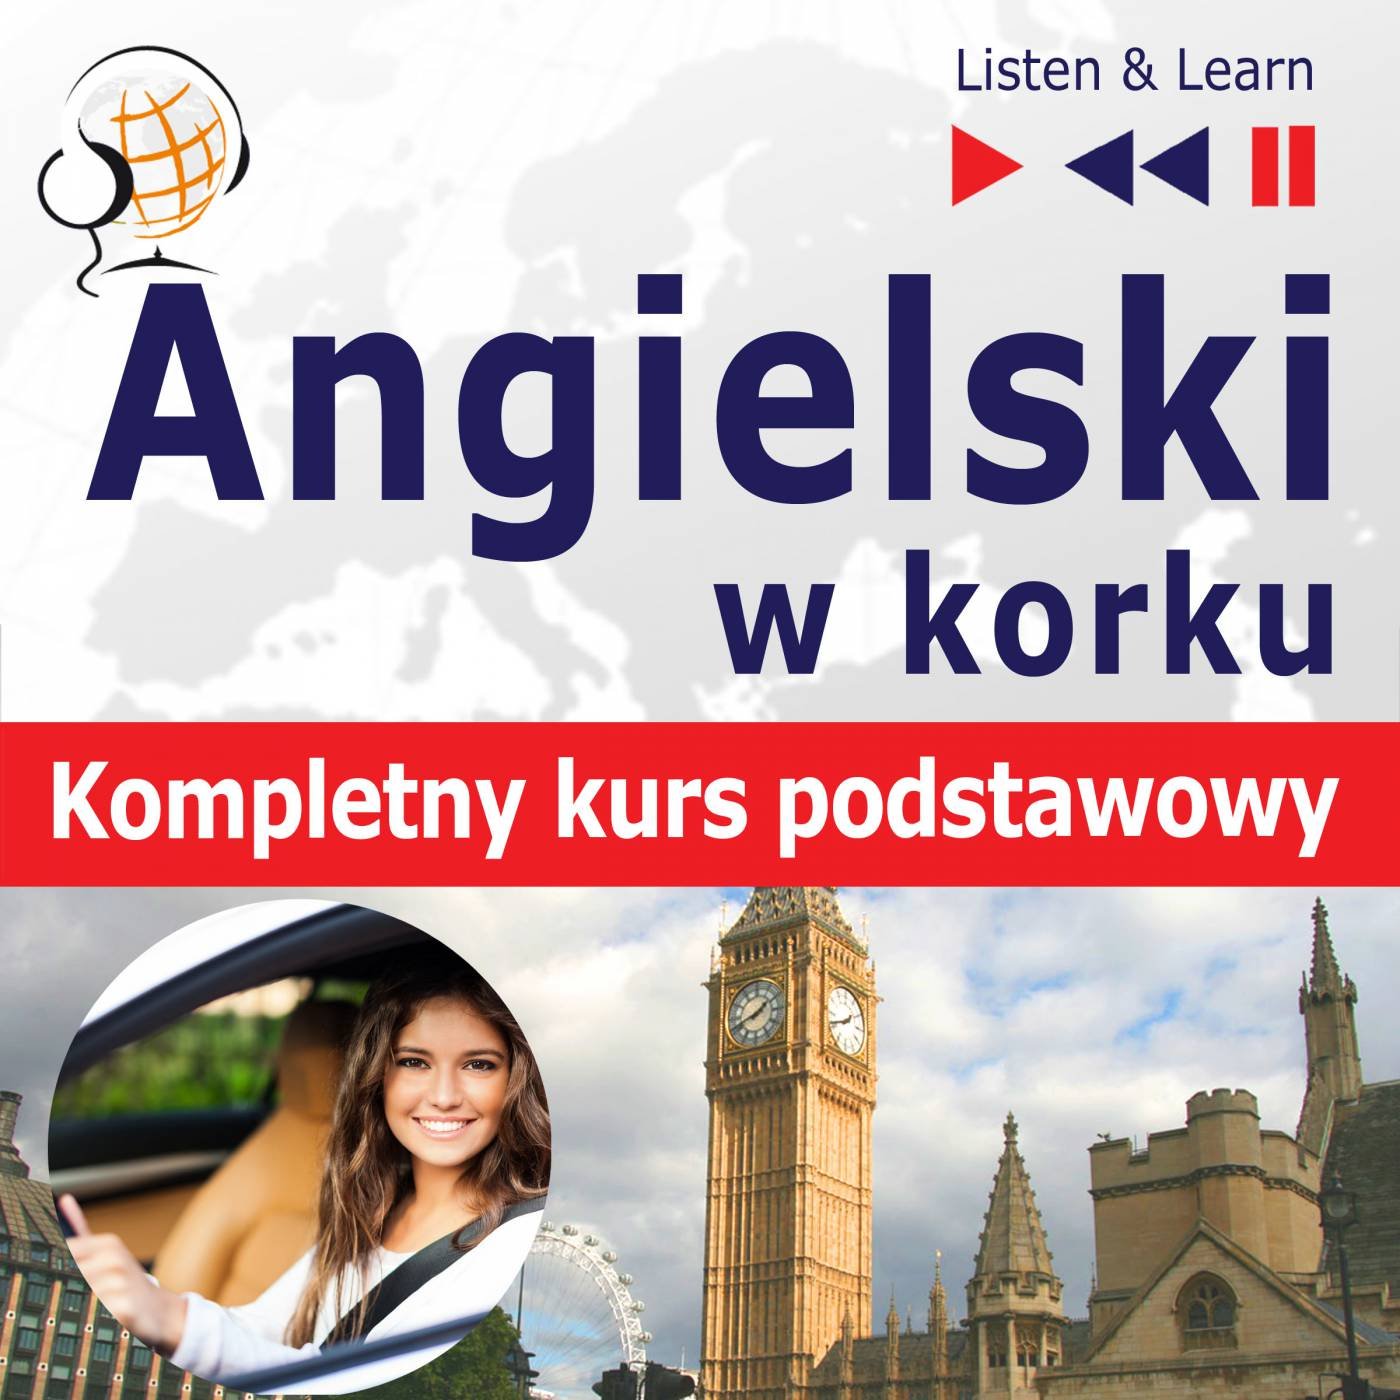 Angielski w korku. Kompletny kurs podstawowy - Audiobook (Książka audio MP3) do pobrania w całości w archiwum ZIP